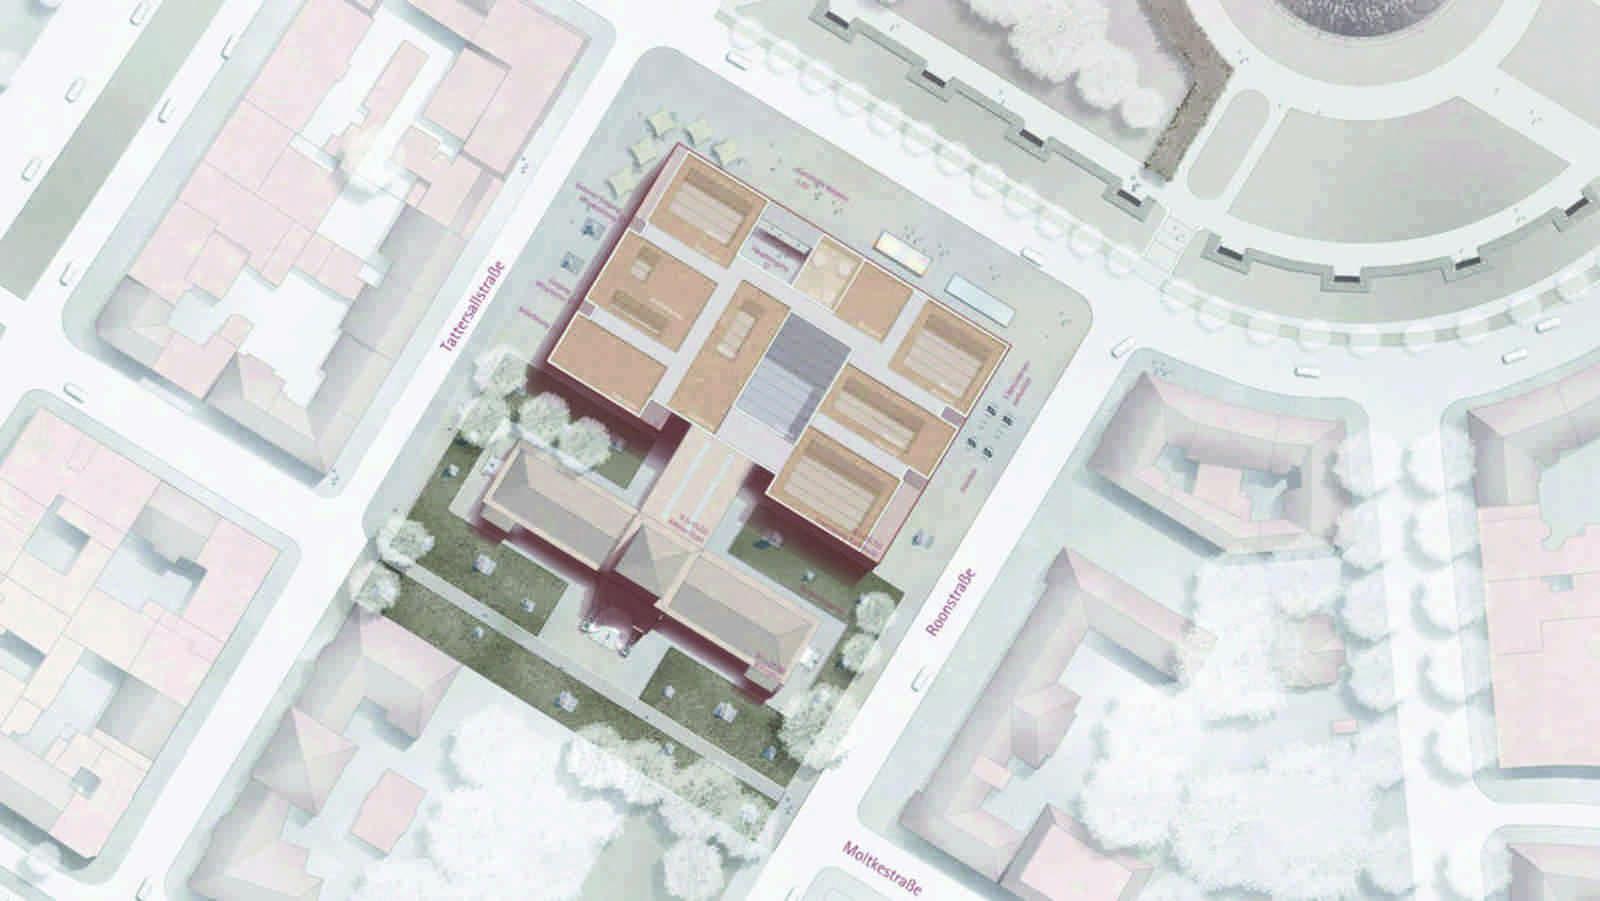 Kunsthalle mannheim by gmp architekten - Gmp architektur ...